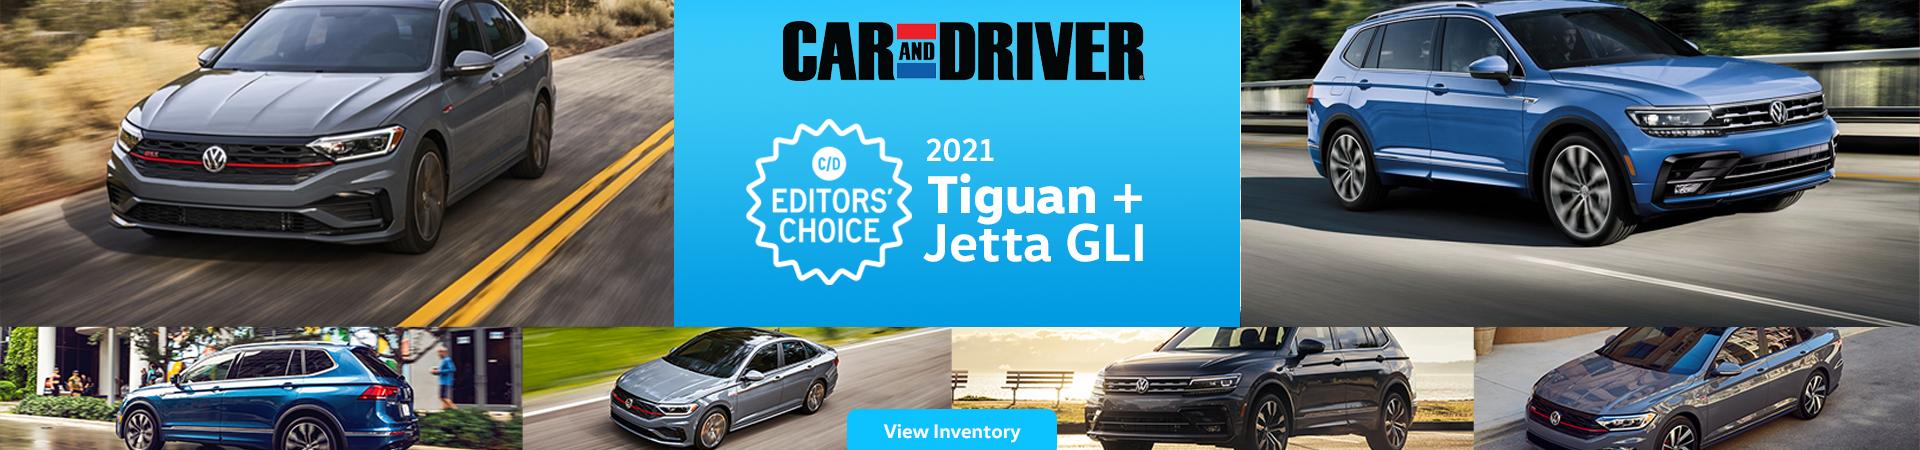 Car and Driver_2021 Tiguan and Jetta GLI UPDATE 1920 x 450